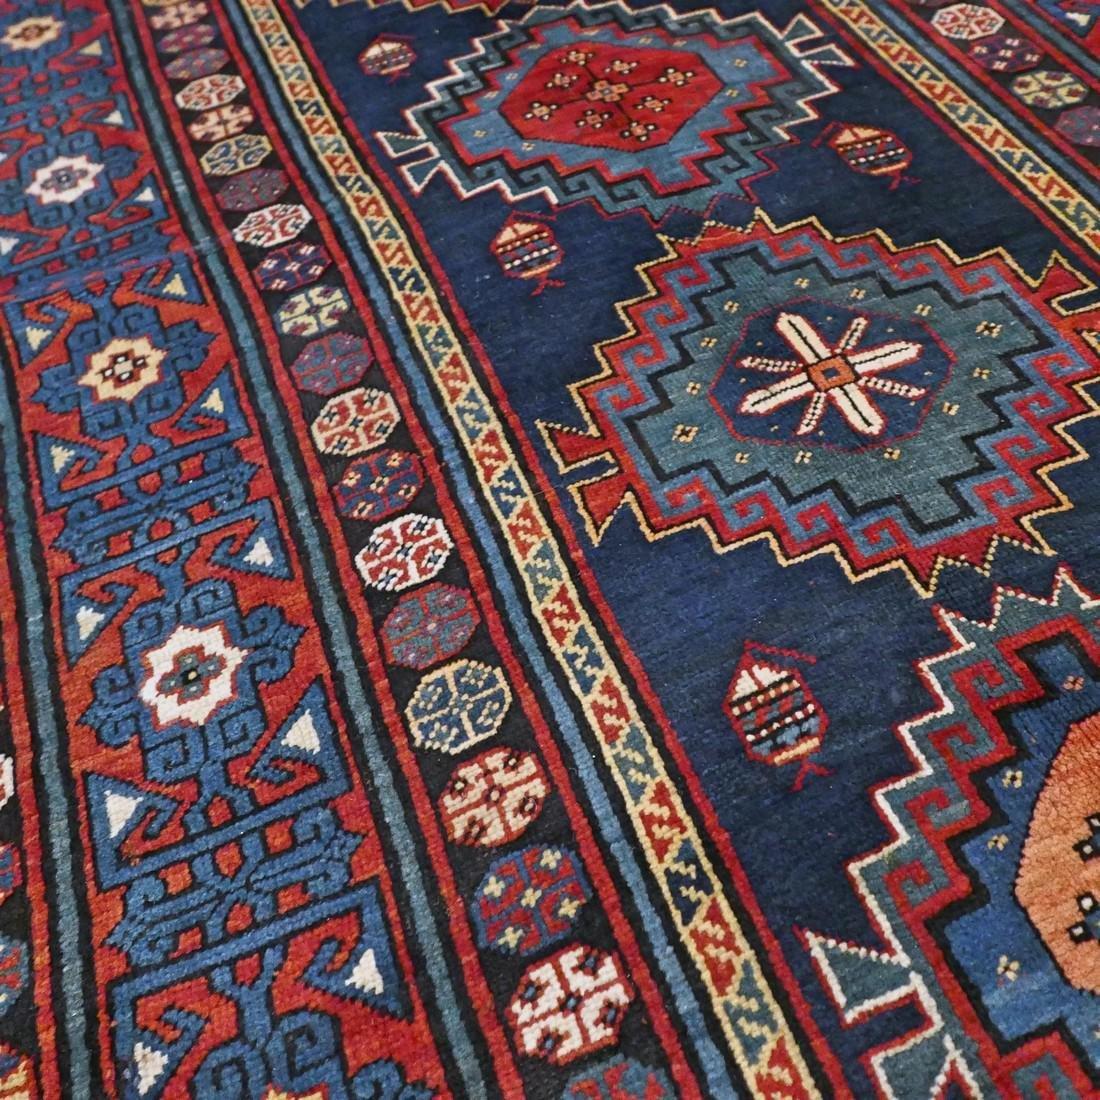 Antique 1800s Kazak rug - 9.5 x 4.3 - 7